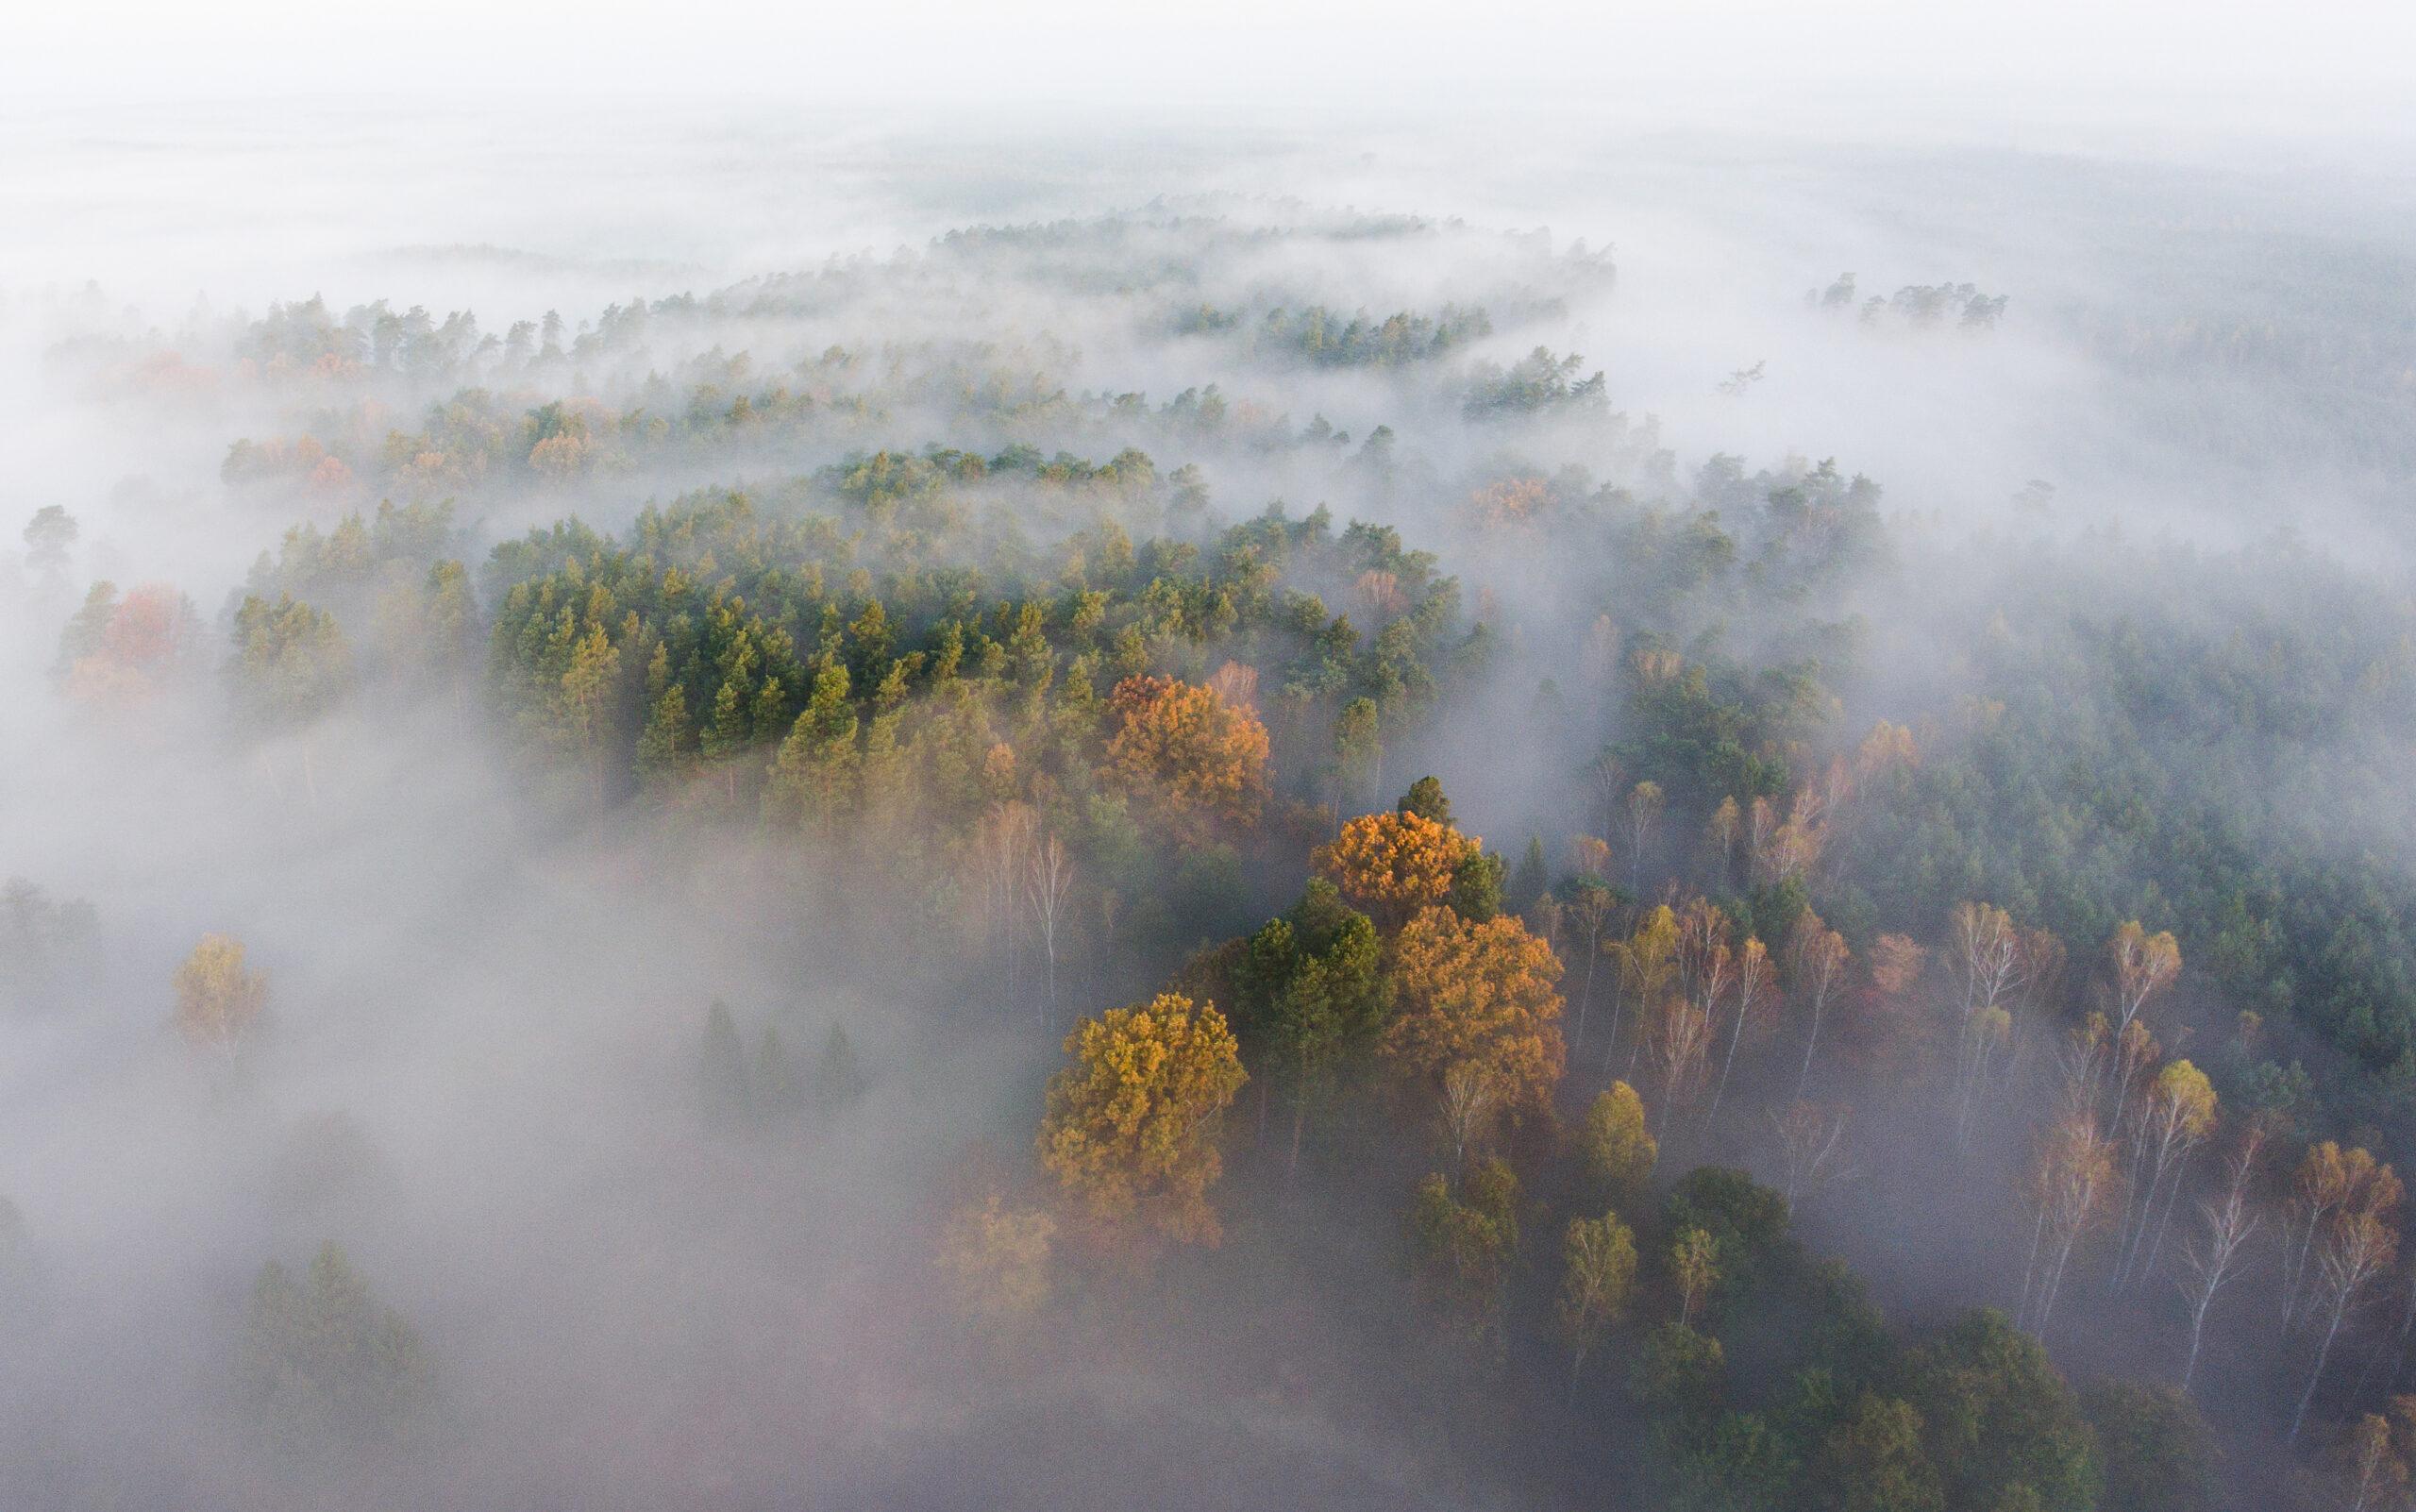 """III miejsce, kategoria wiekowa powyżej 20 lat, podkategoria przyrodnicze zdjęcie krajobrazowe – Tomasz Sczansny """"Skąpane we mgle"""""""